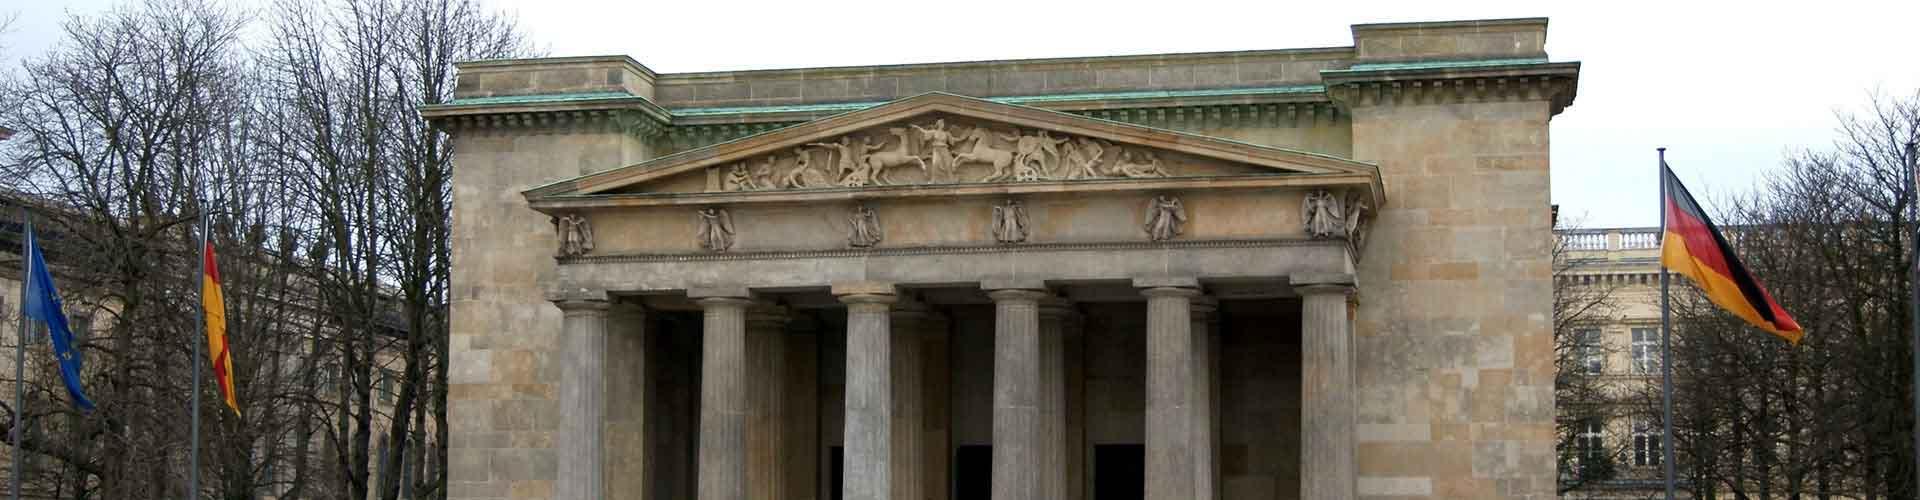 베를린 - 노이에 바헤(전쟁 기념관)과 조이크하우스 켈러(무기저장고)와 가까운 호스텔. 베를린의 지도, 베를린에 위치한 호스텔 사진 및 후기 정보.